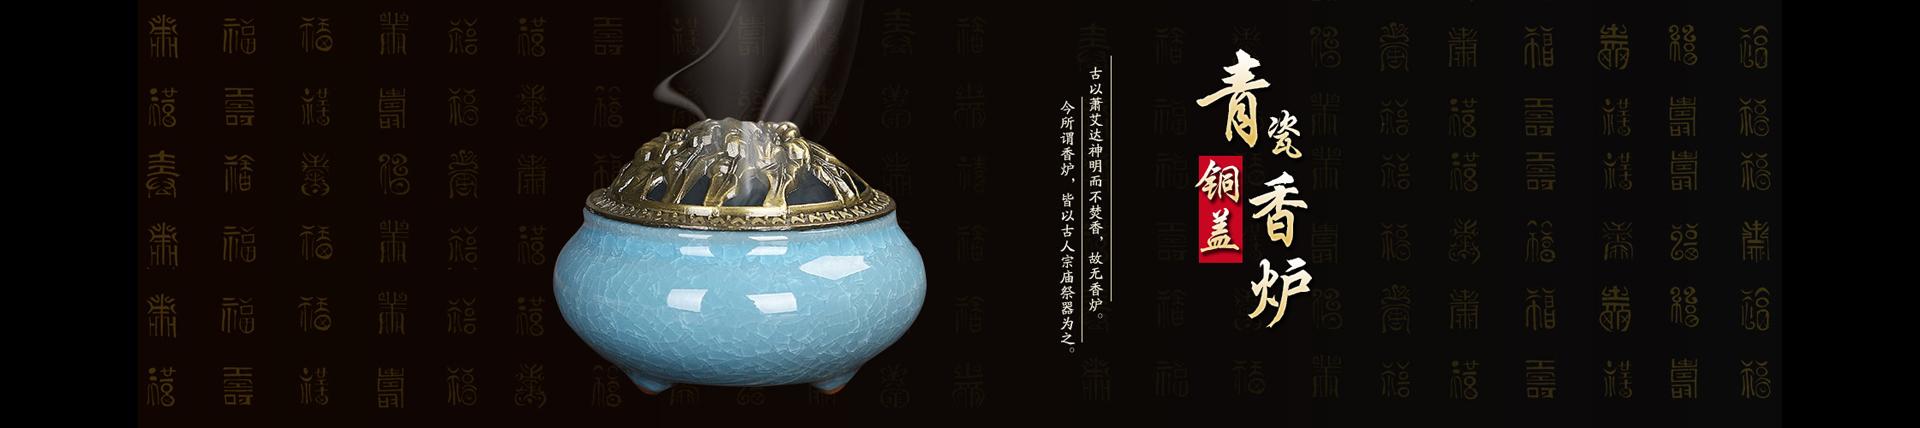 中国佛教用品产业网